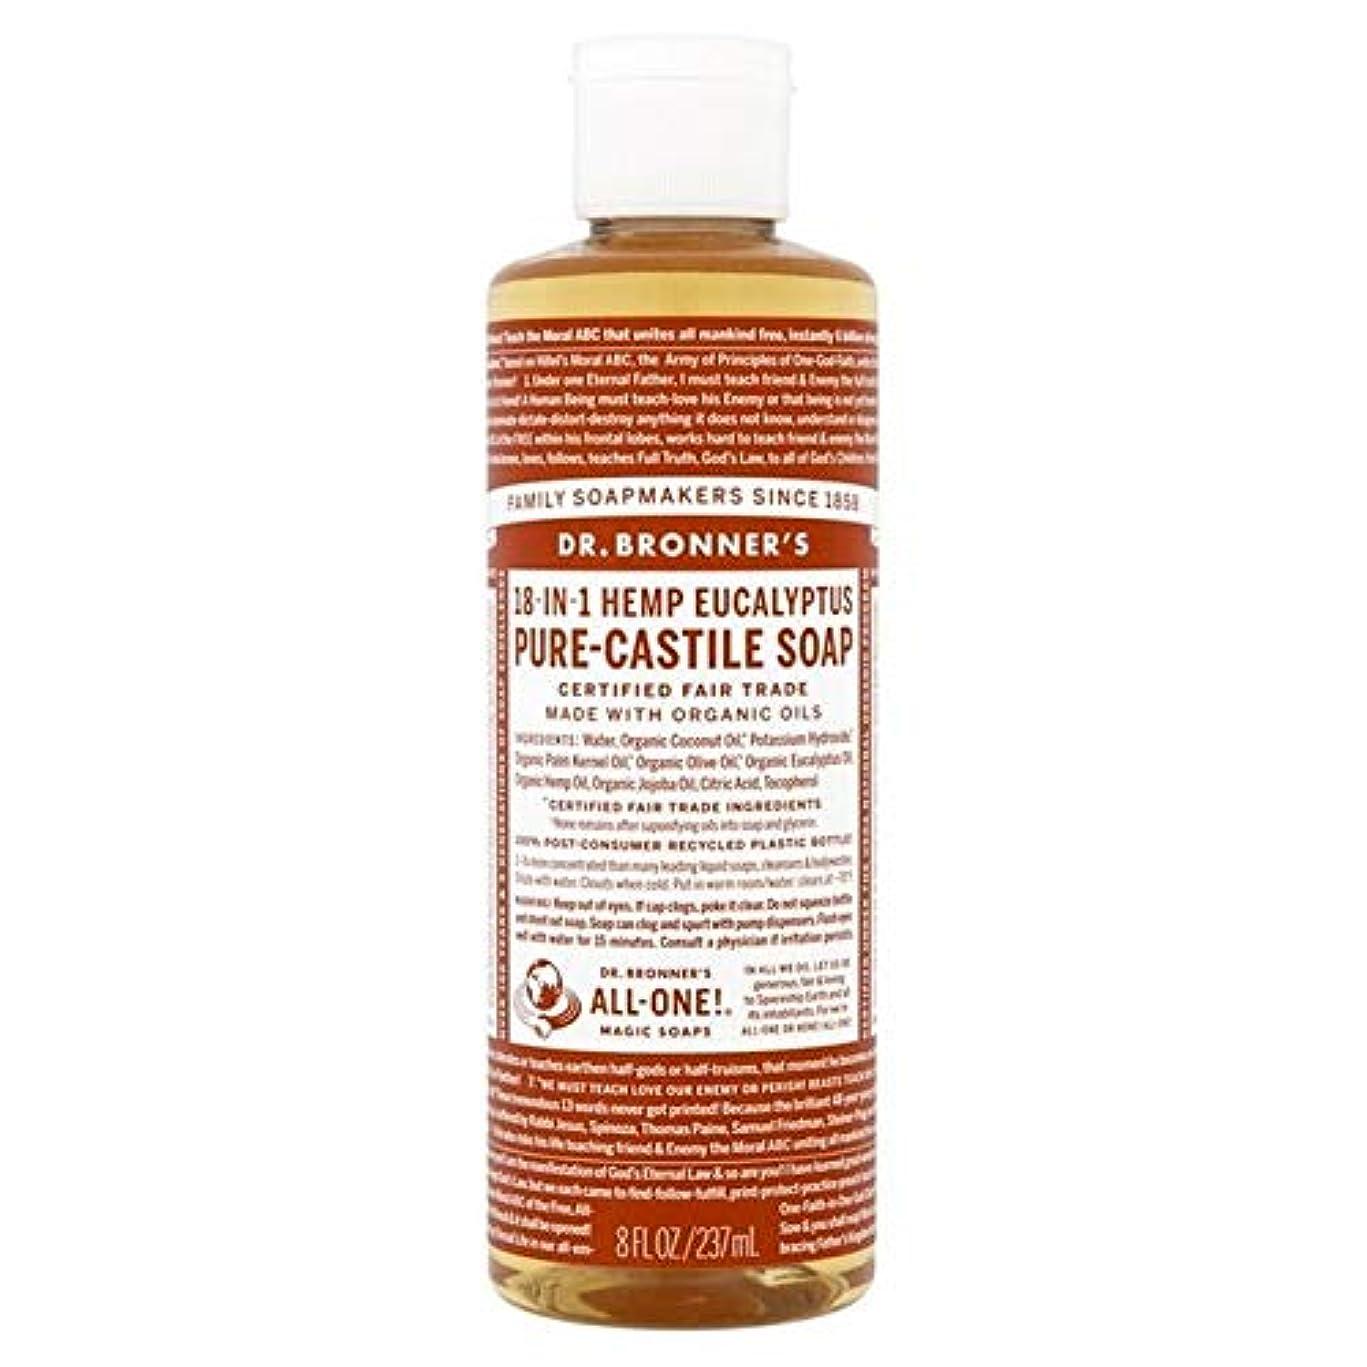 死の顎バックグラウンド森林[Dr Bronner] Dr。ブロナーズ有機ユーカリの純粋な-カスティーリャ液体石鹸237ミリリットル - Dr. Bronner's Organic Eucalyptus Pure-Castile Liquid Soap...